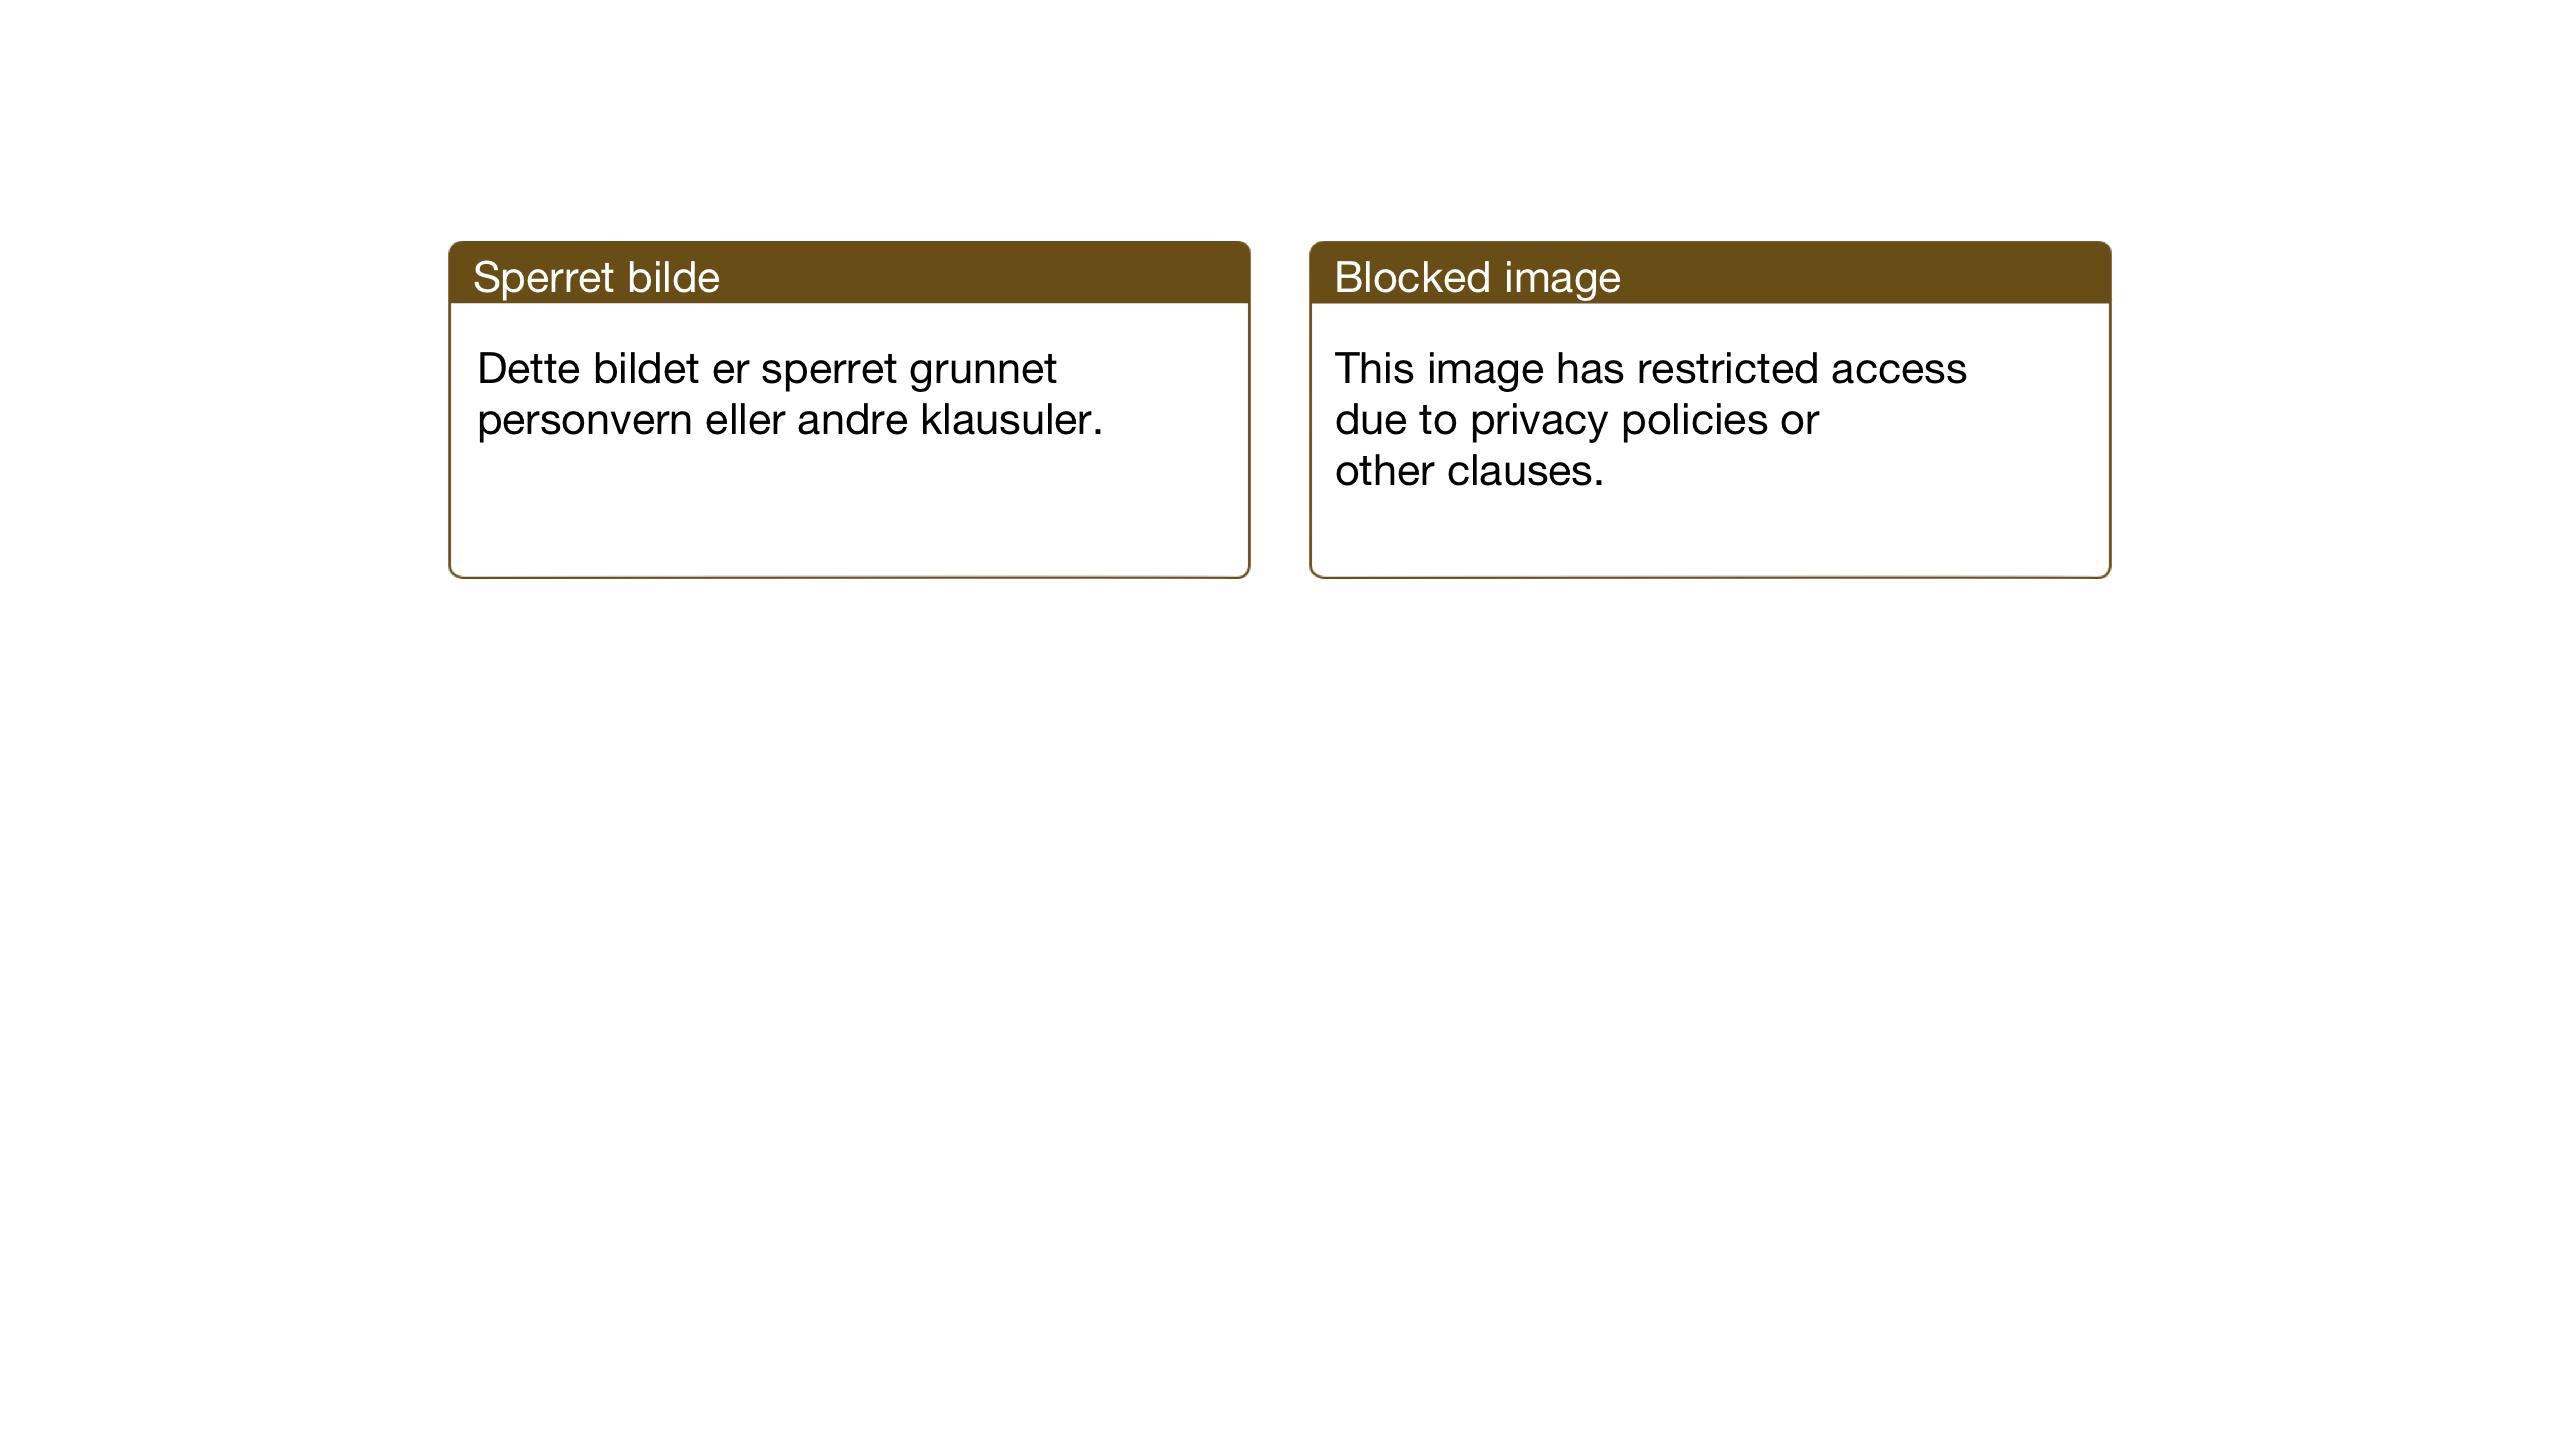 SAT, Ministerialprotokoller, klokkerbøker og fødselsregistre - Nord-Trøndelag, 710/L0097: Klokkerbok nr. 710C02, 1925-1955, s. 51